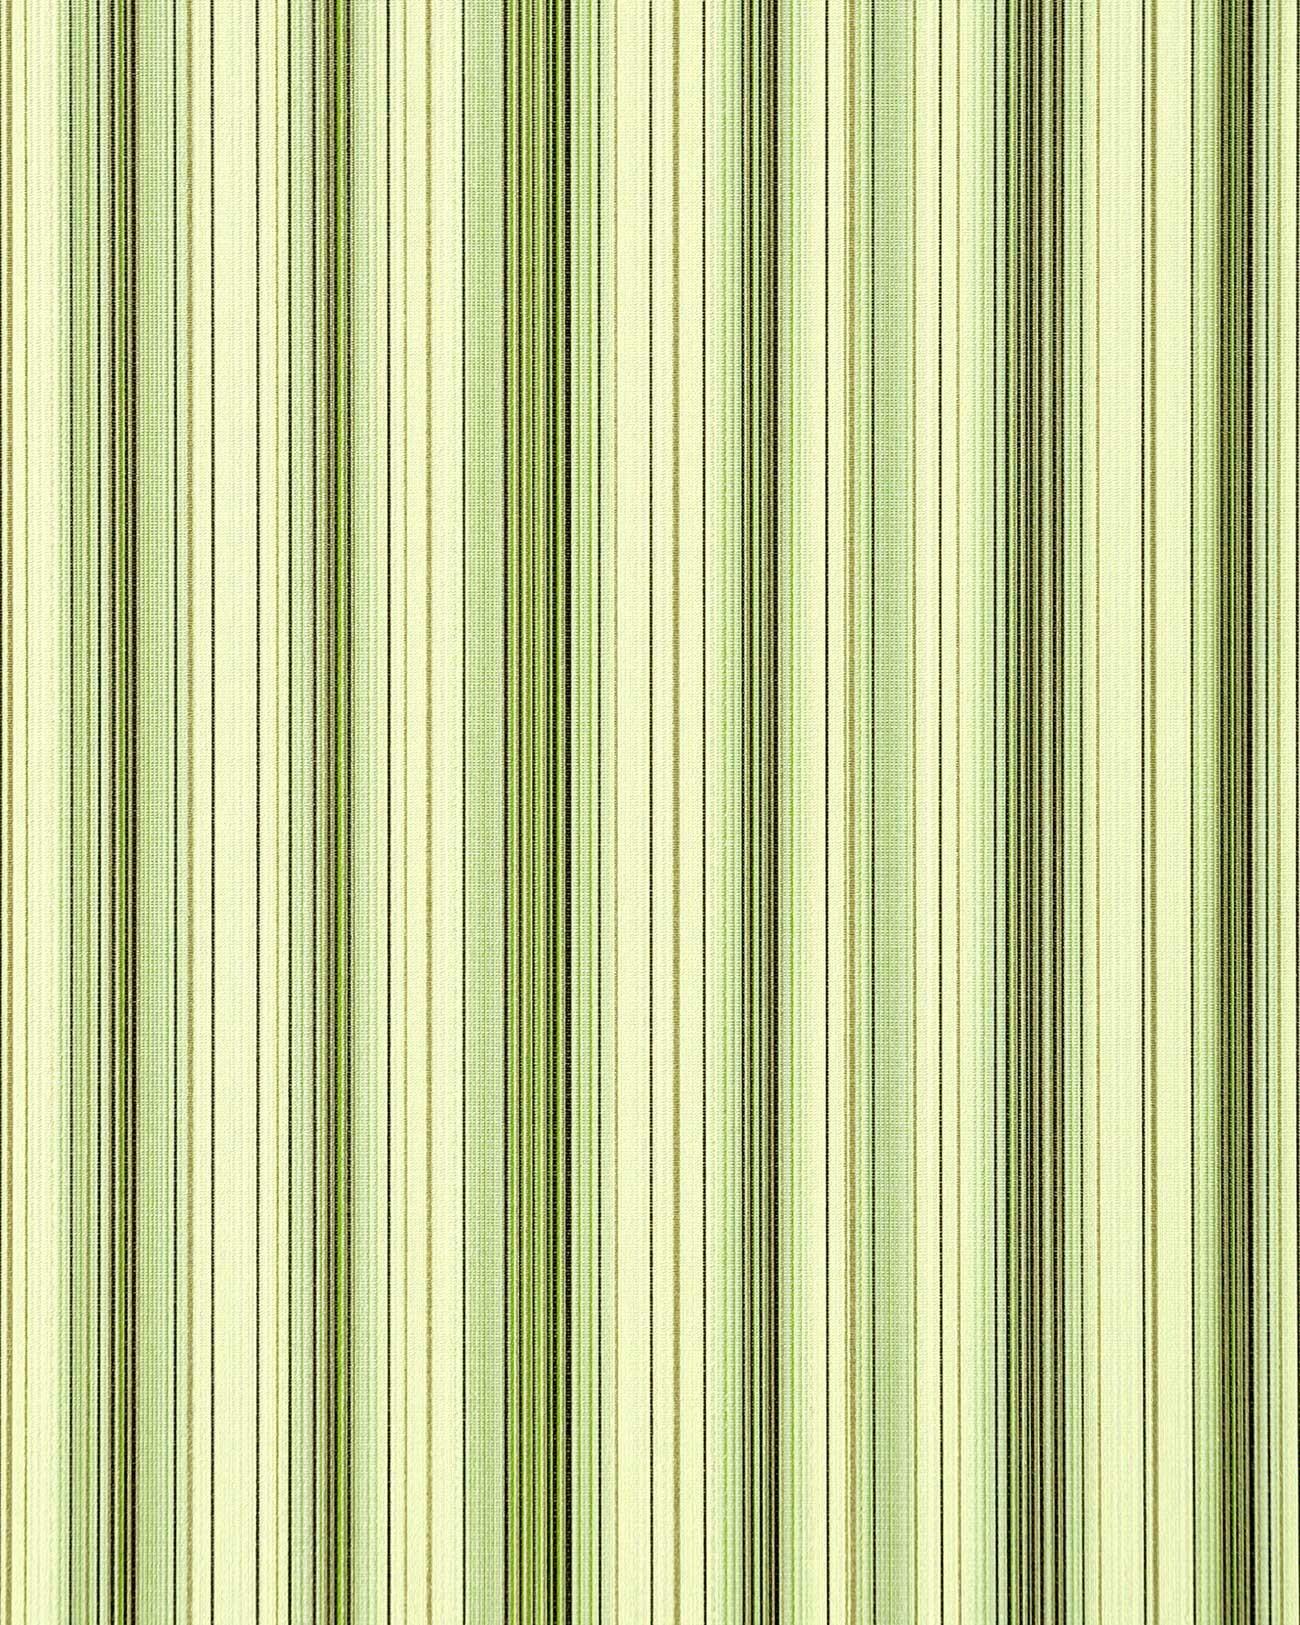 Tapetenmuster modern grün  Streifen Tapete EDEM 097-25 Designer Tapete prunkvolle modern und ...